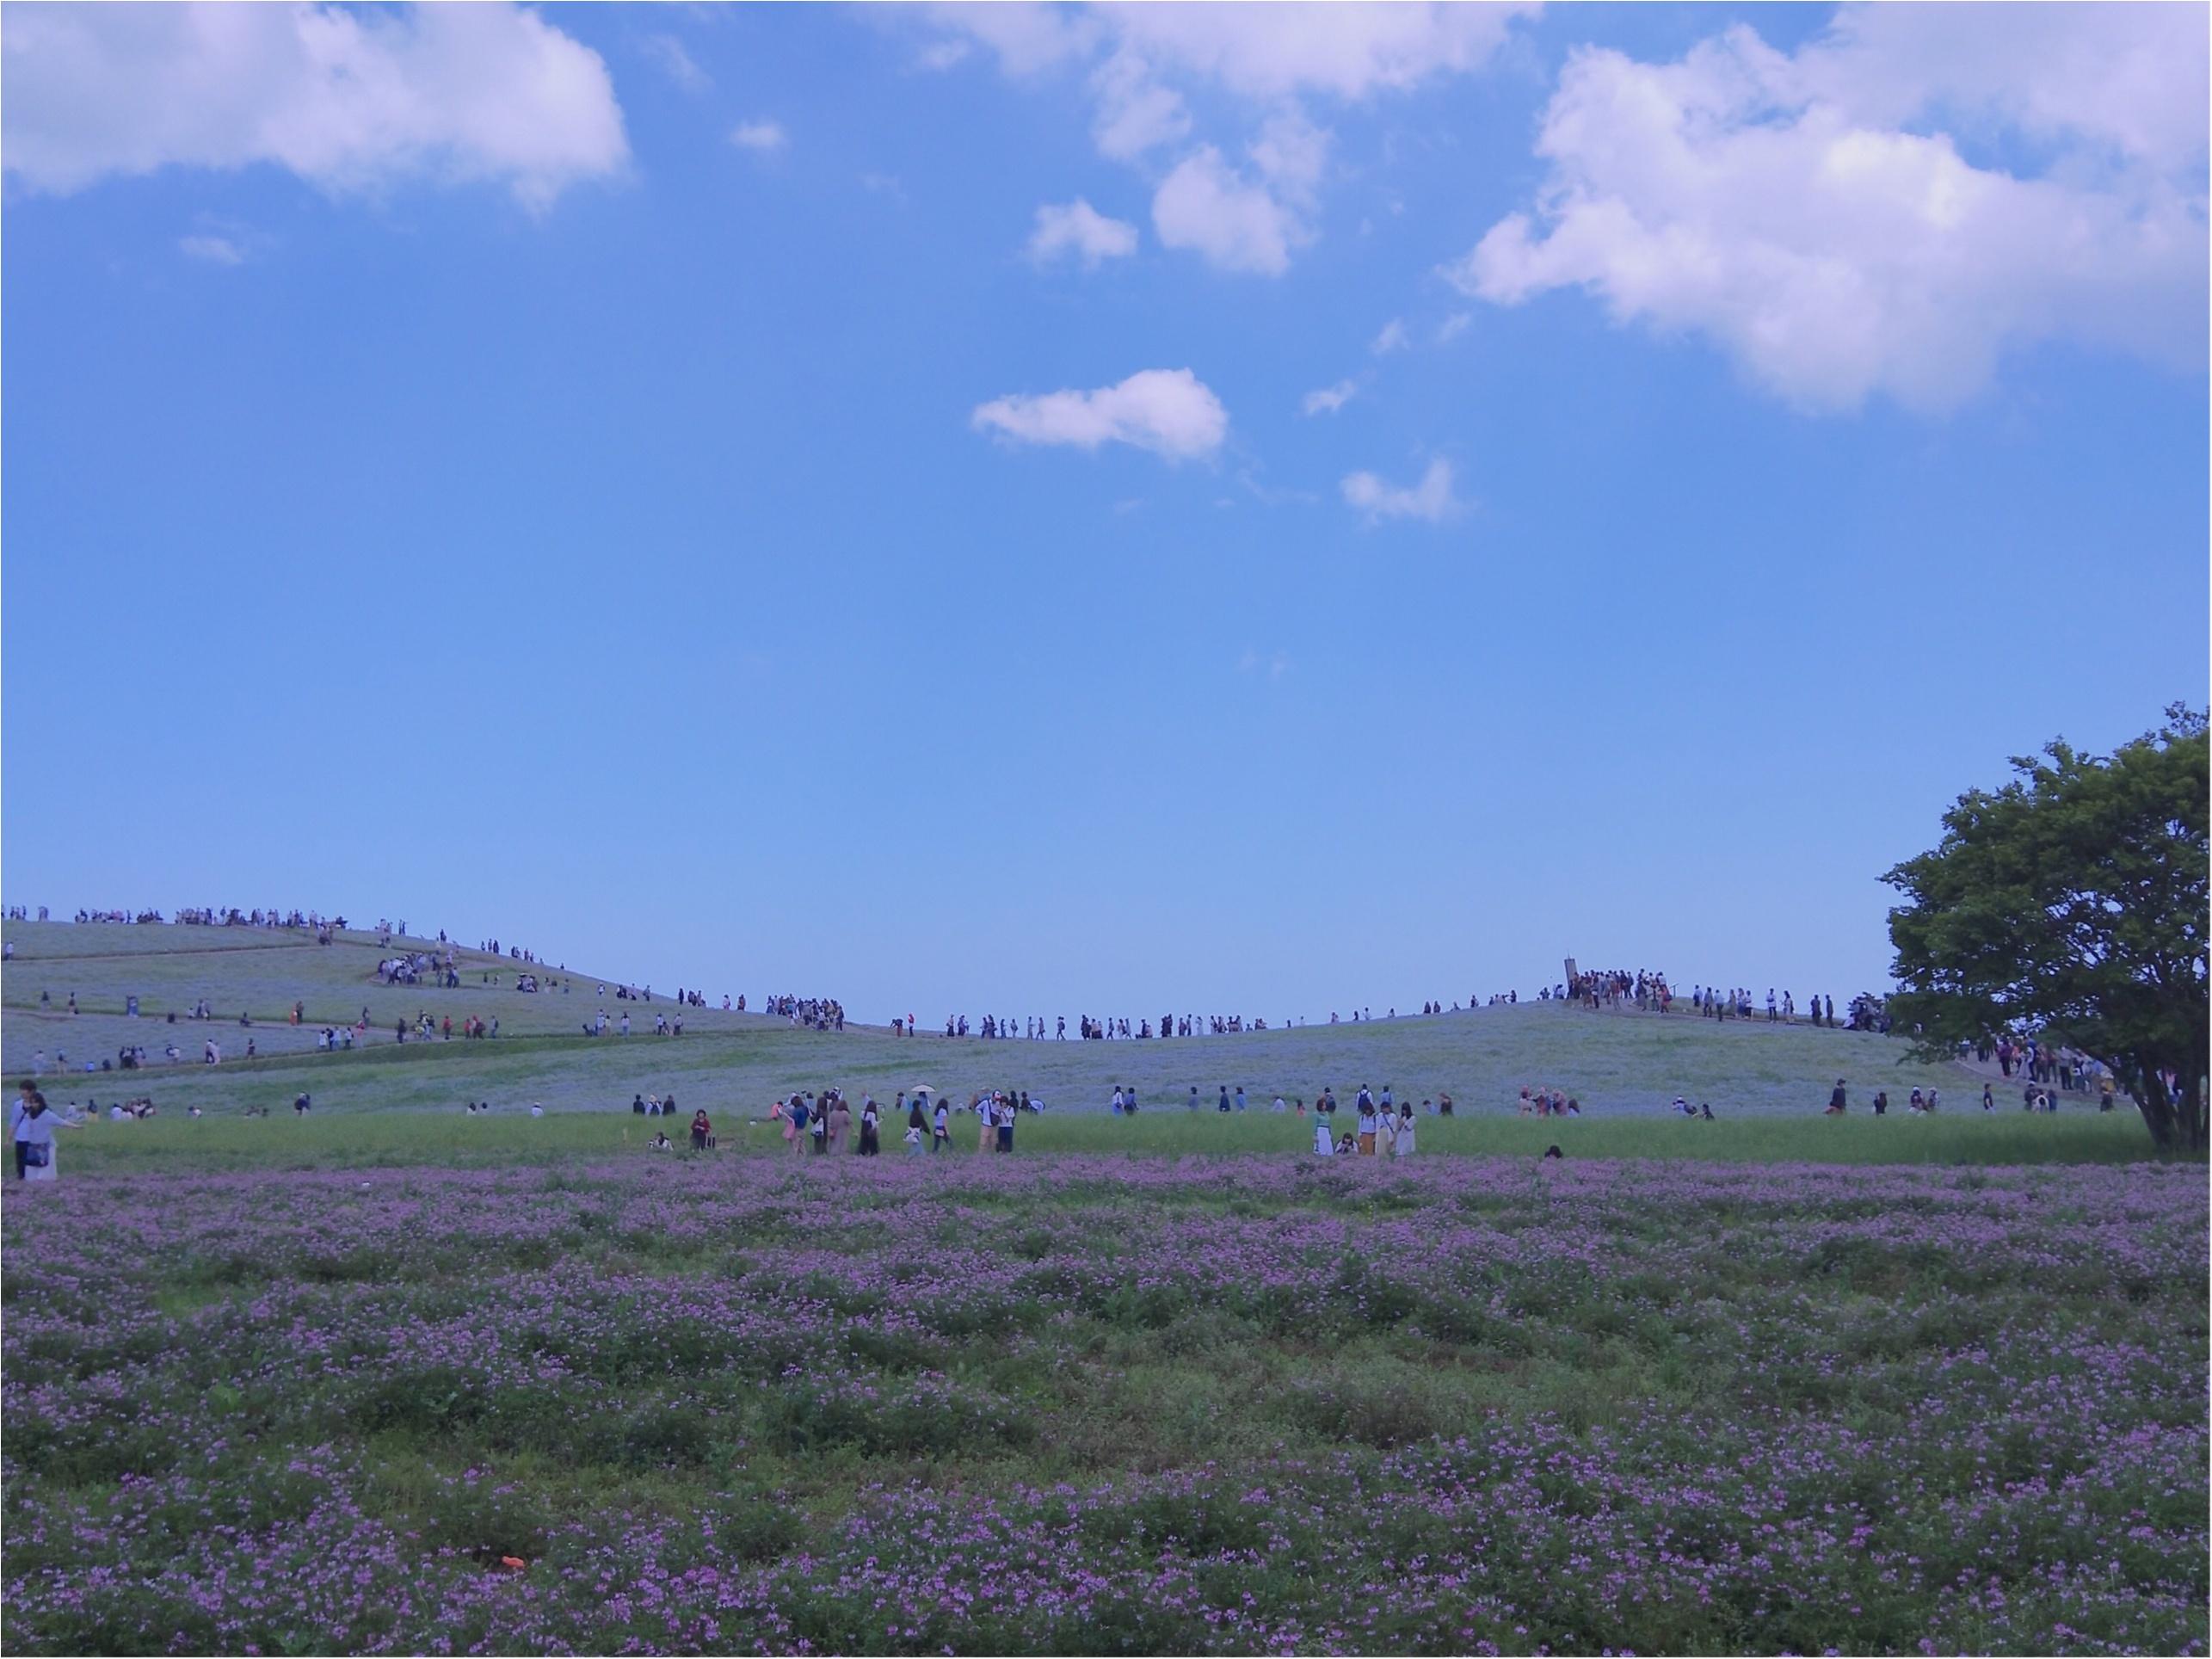 丘一面に広がる青い絨毯「ネモフィラ」観賞と新鮮な海鮮丼を食すバスツアー✨_1_4